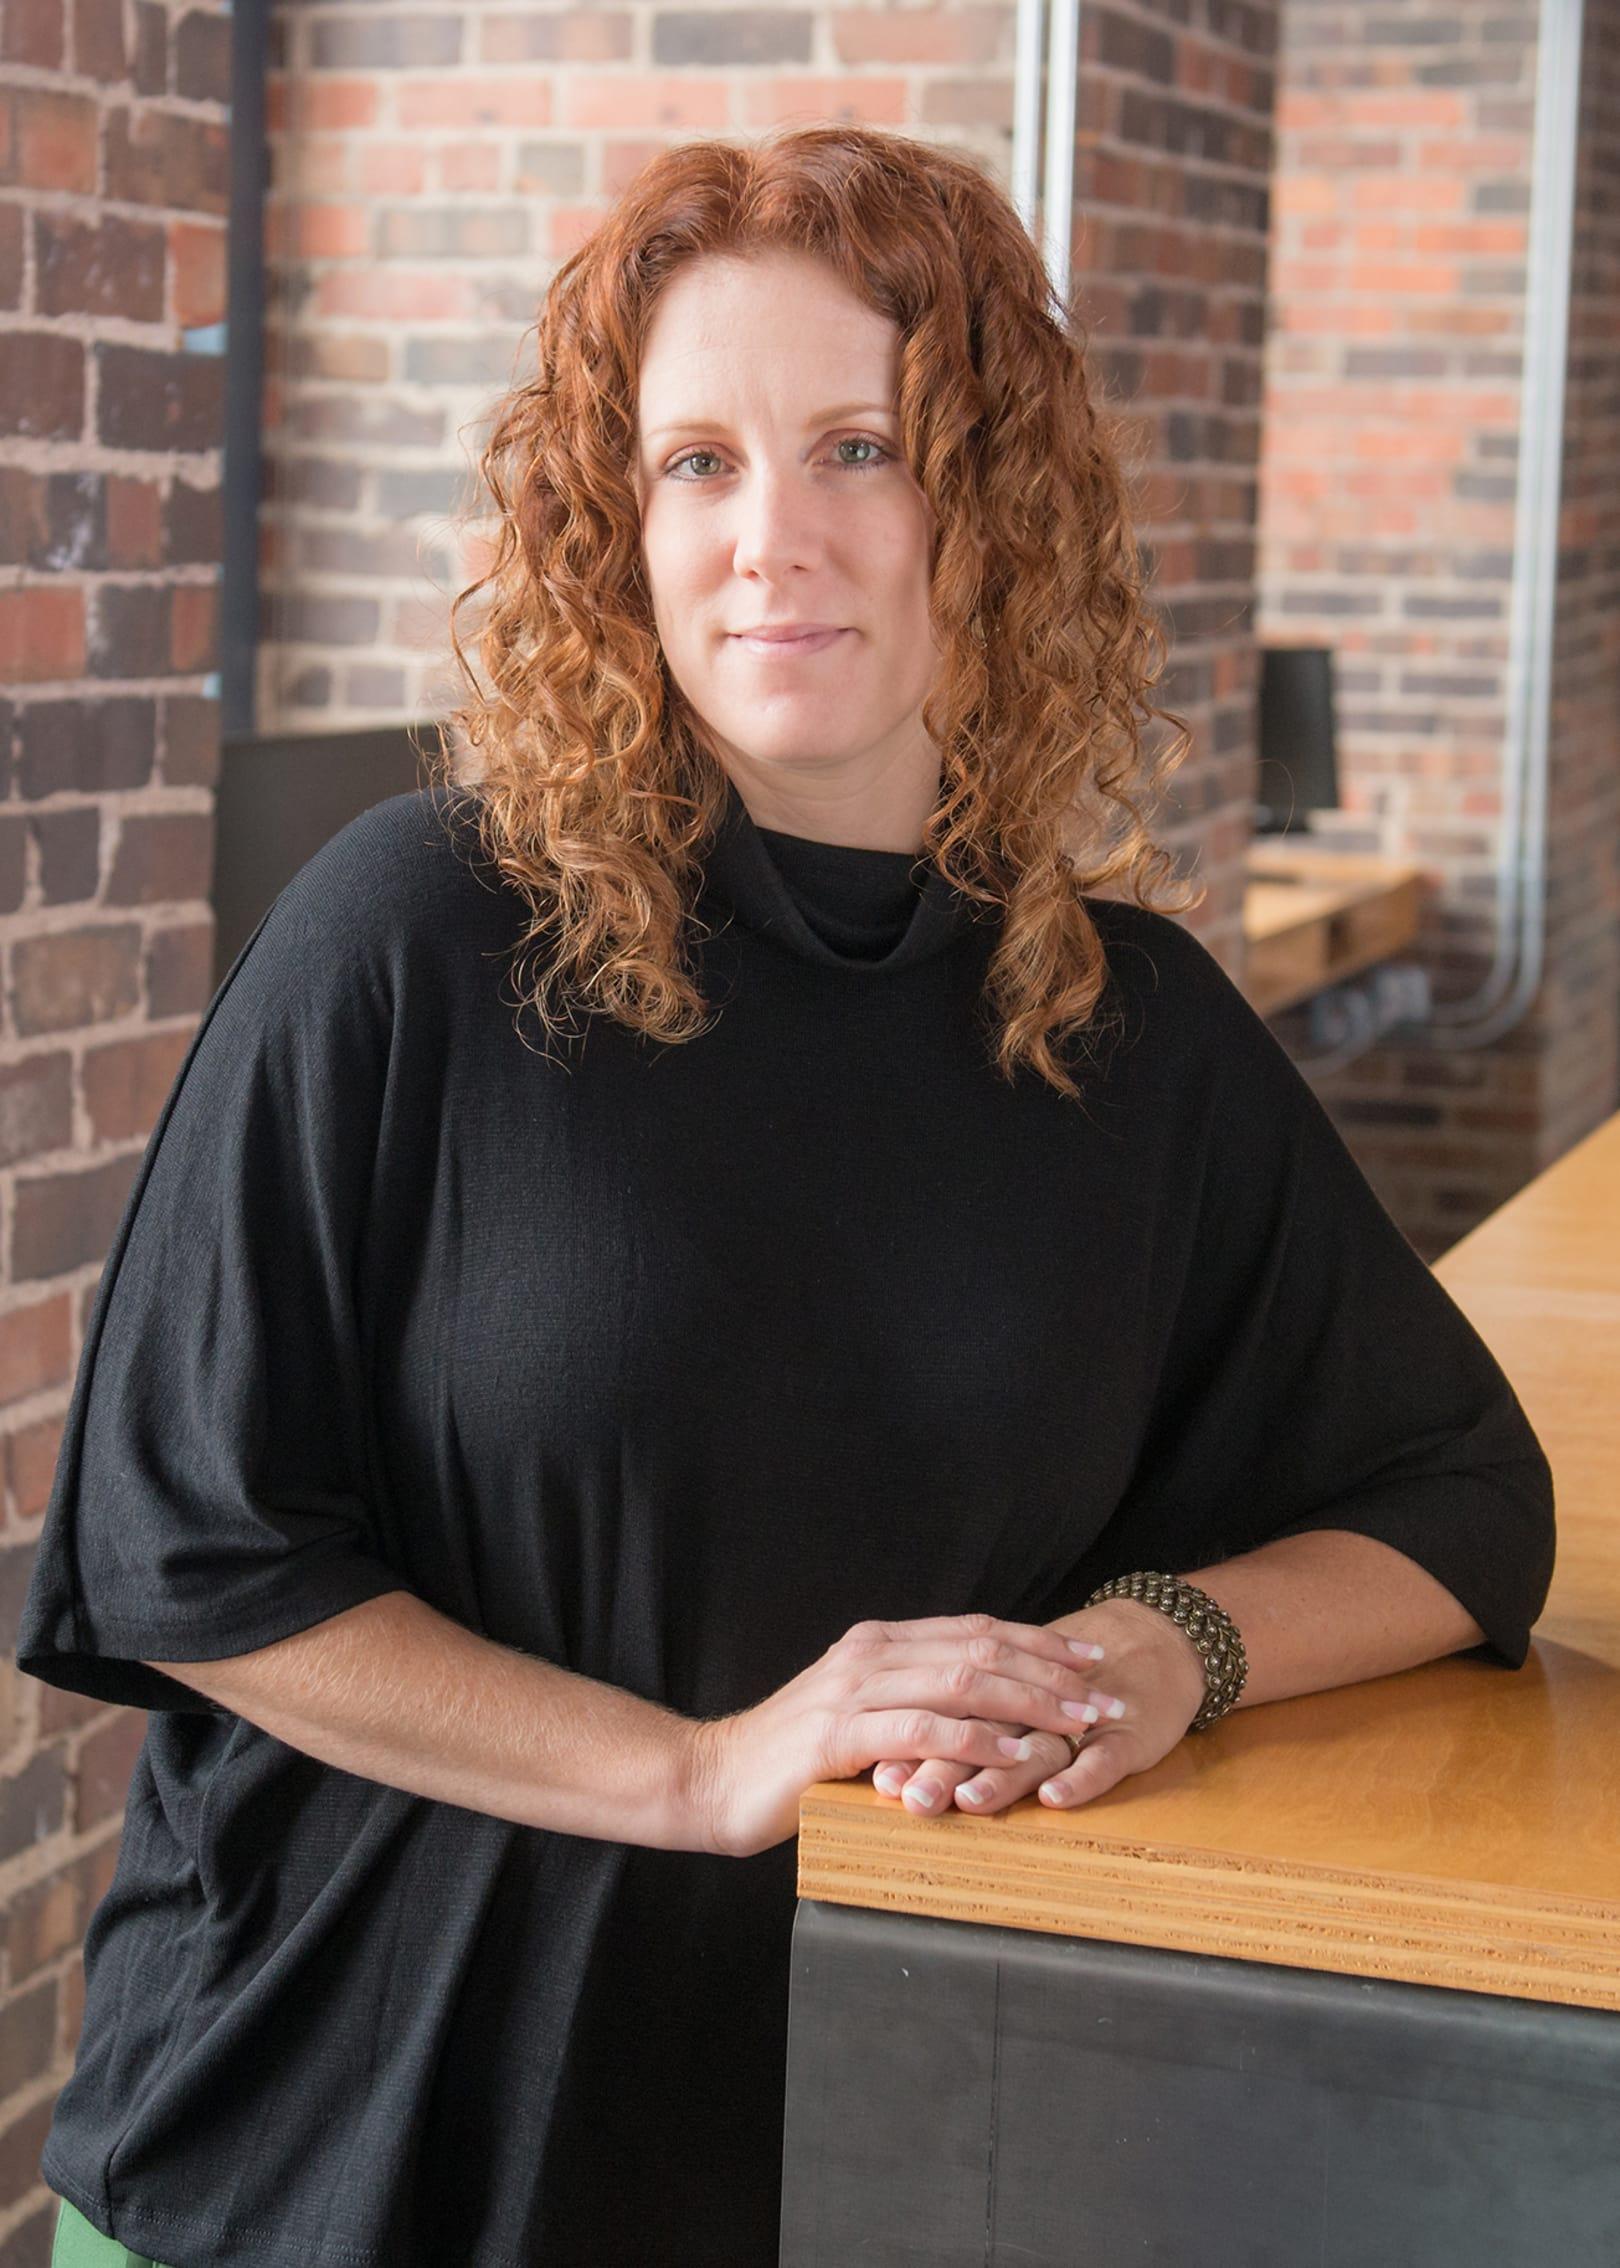 Danielle C. Hermann, AIA